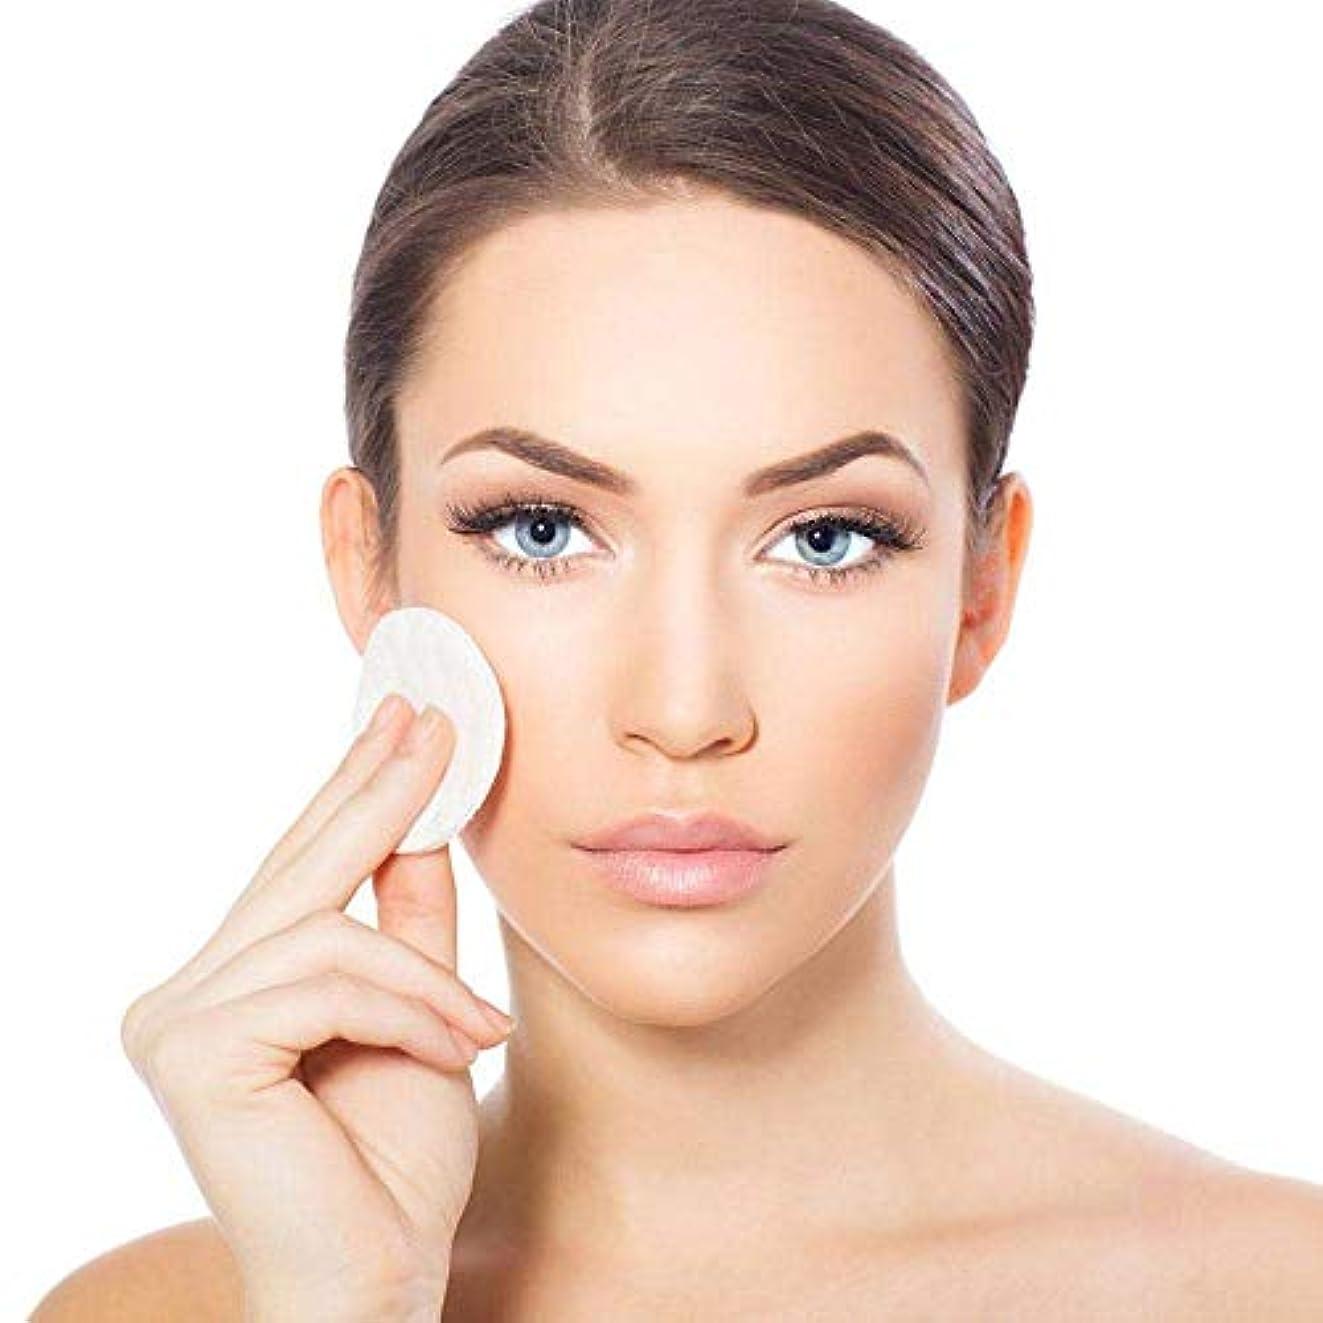 ファイター維持する同級生ユニセックス 洗面再利用可能 3層化粧品除去パッド顔清潔ワイプ 化粧落としコットン 肌に優しい 16セット